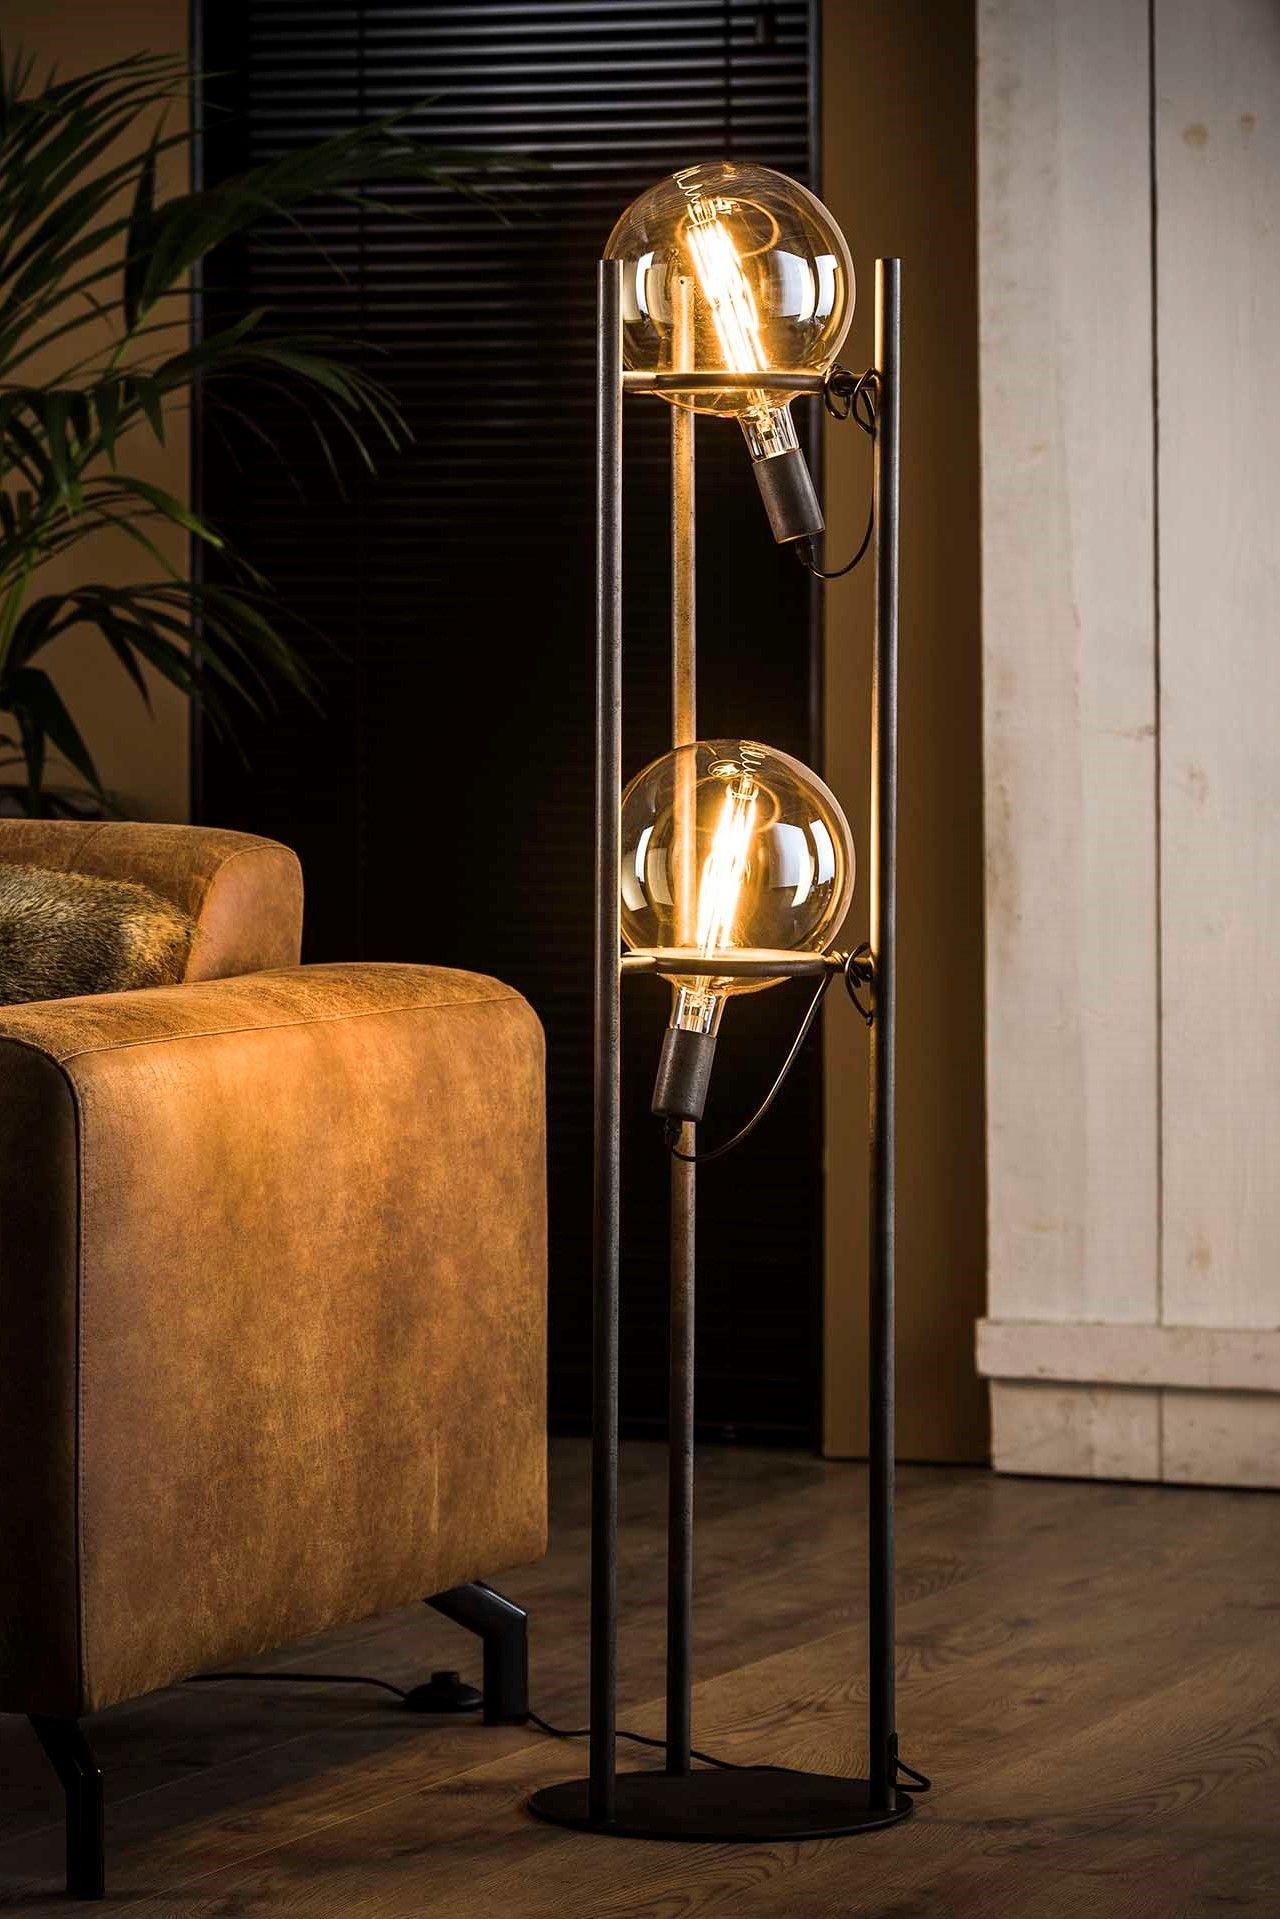 Stehlampe Saturn Stehlampe Wohnzimmer Stehlampe Und Lampen